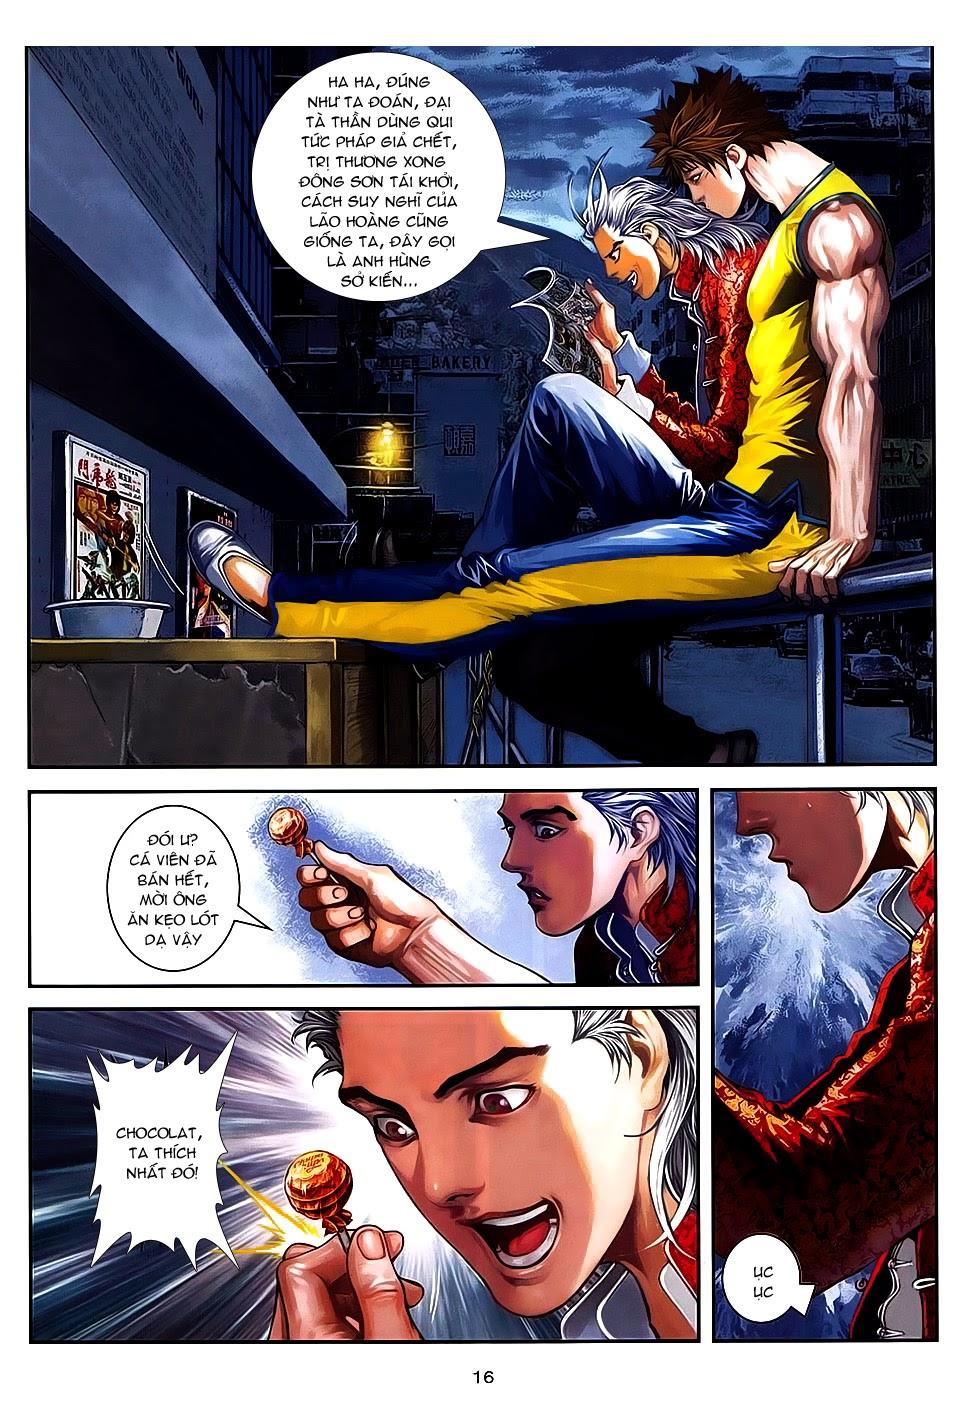 Quyền Đạo chapter 7 trang 15